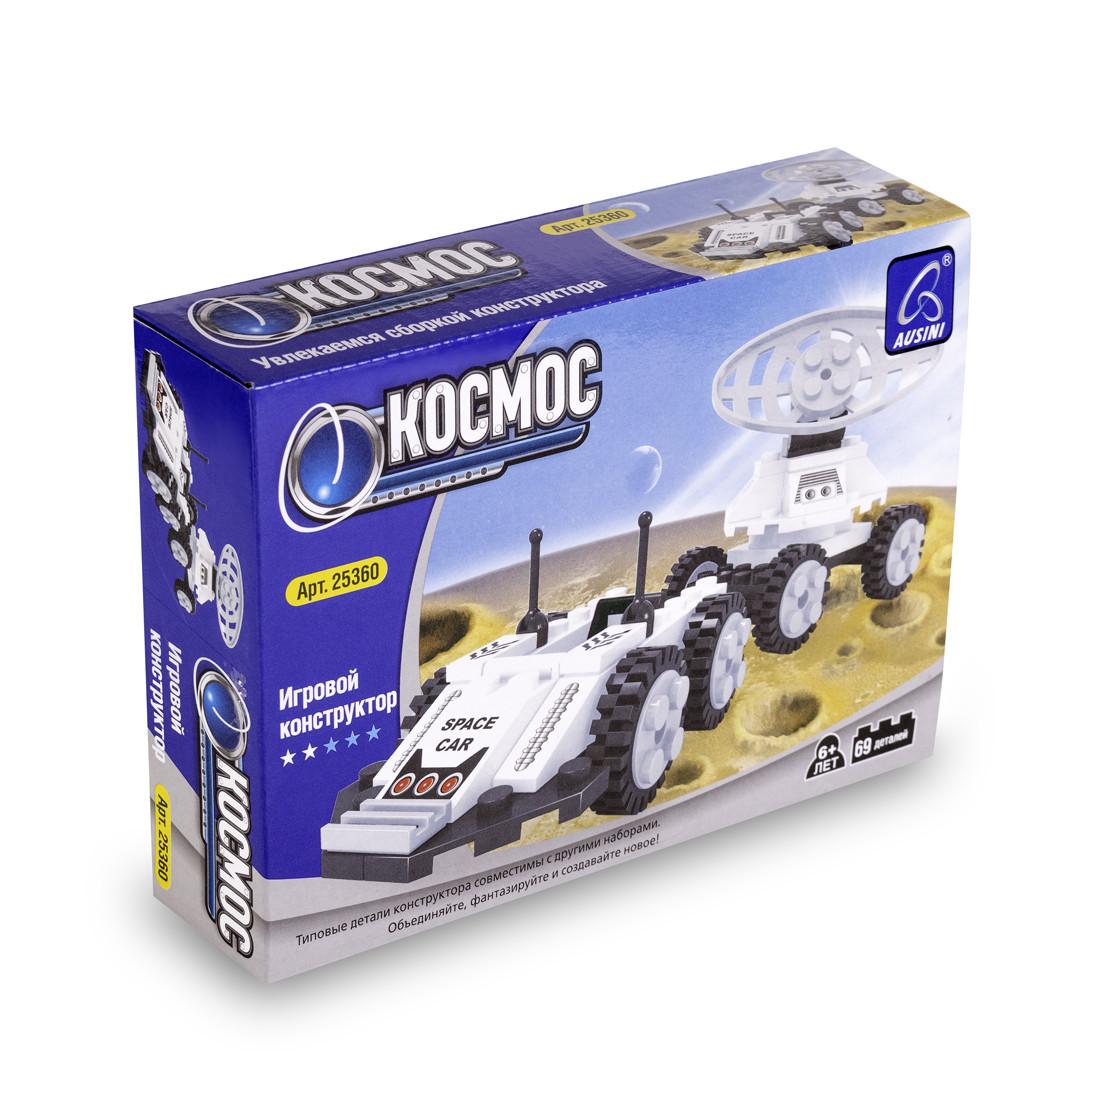 Игровой конструктор, Ausini, 25360, Луноход, Космос